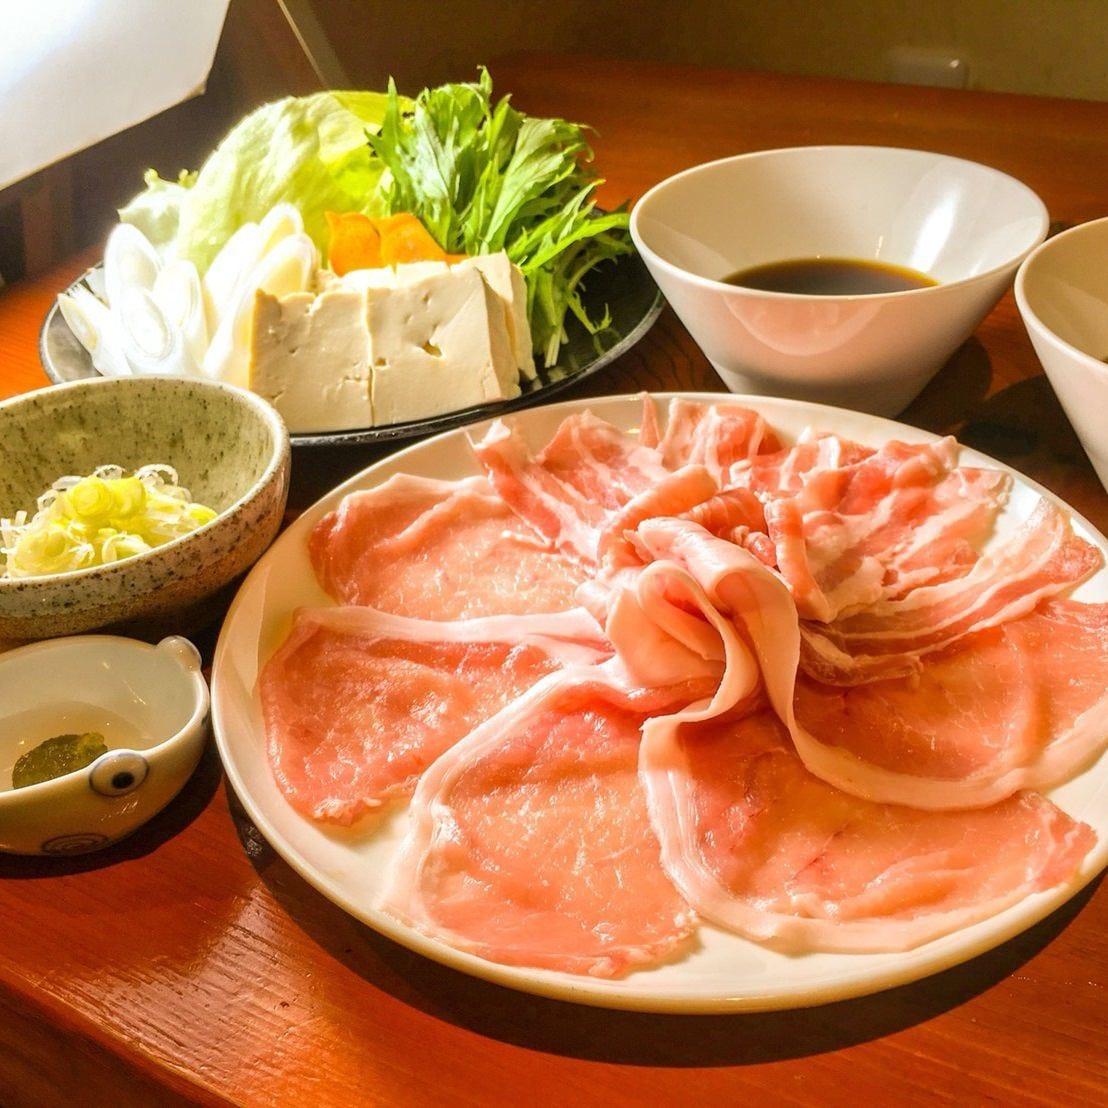 新潟上陸!特製蕎麦湯しゃぶしゃぶ